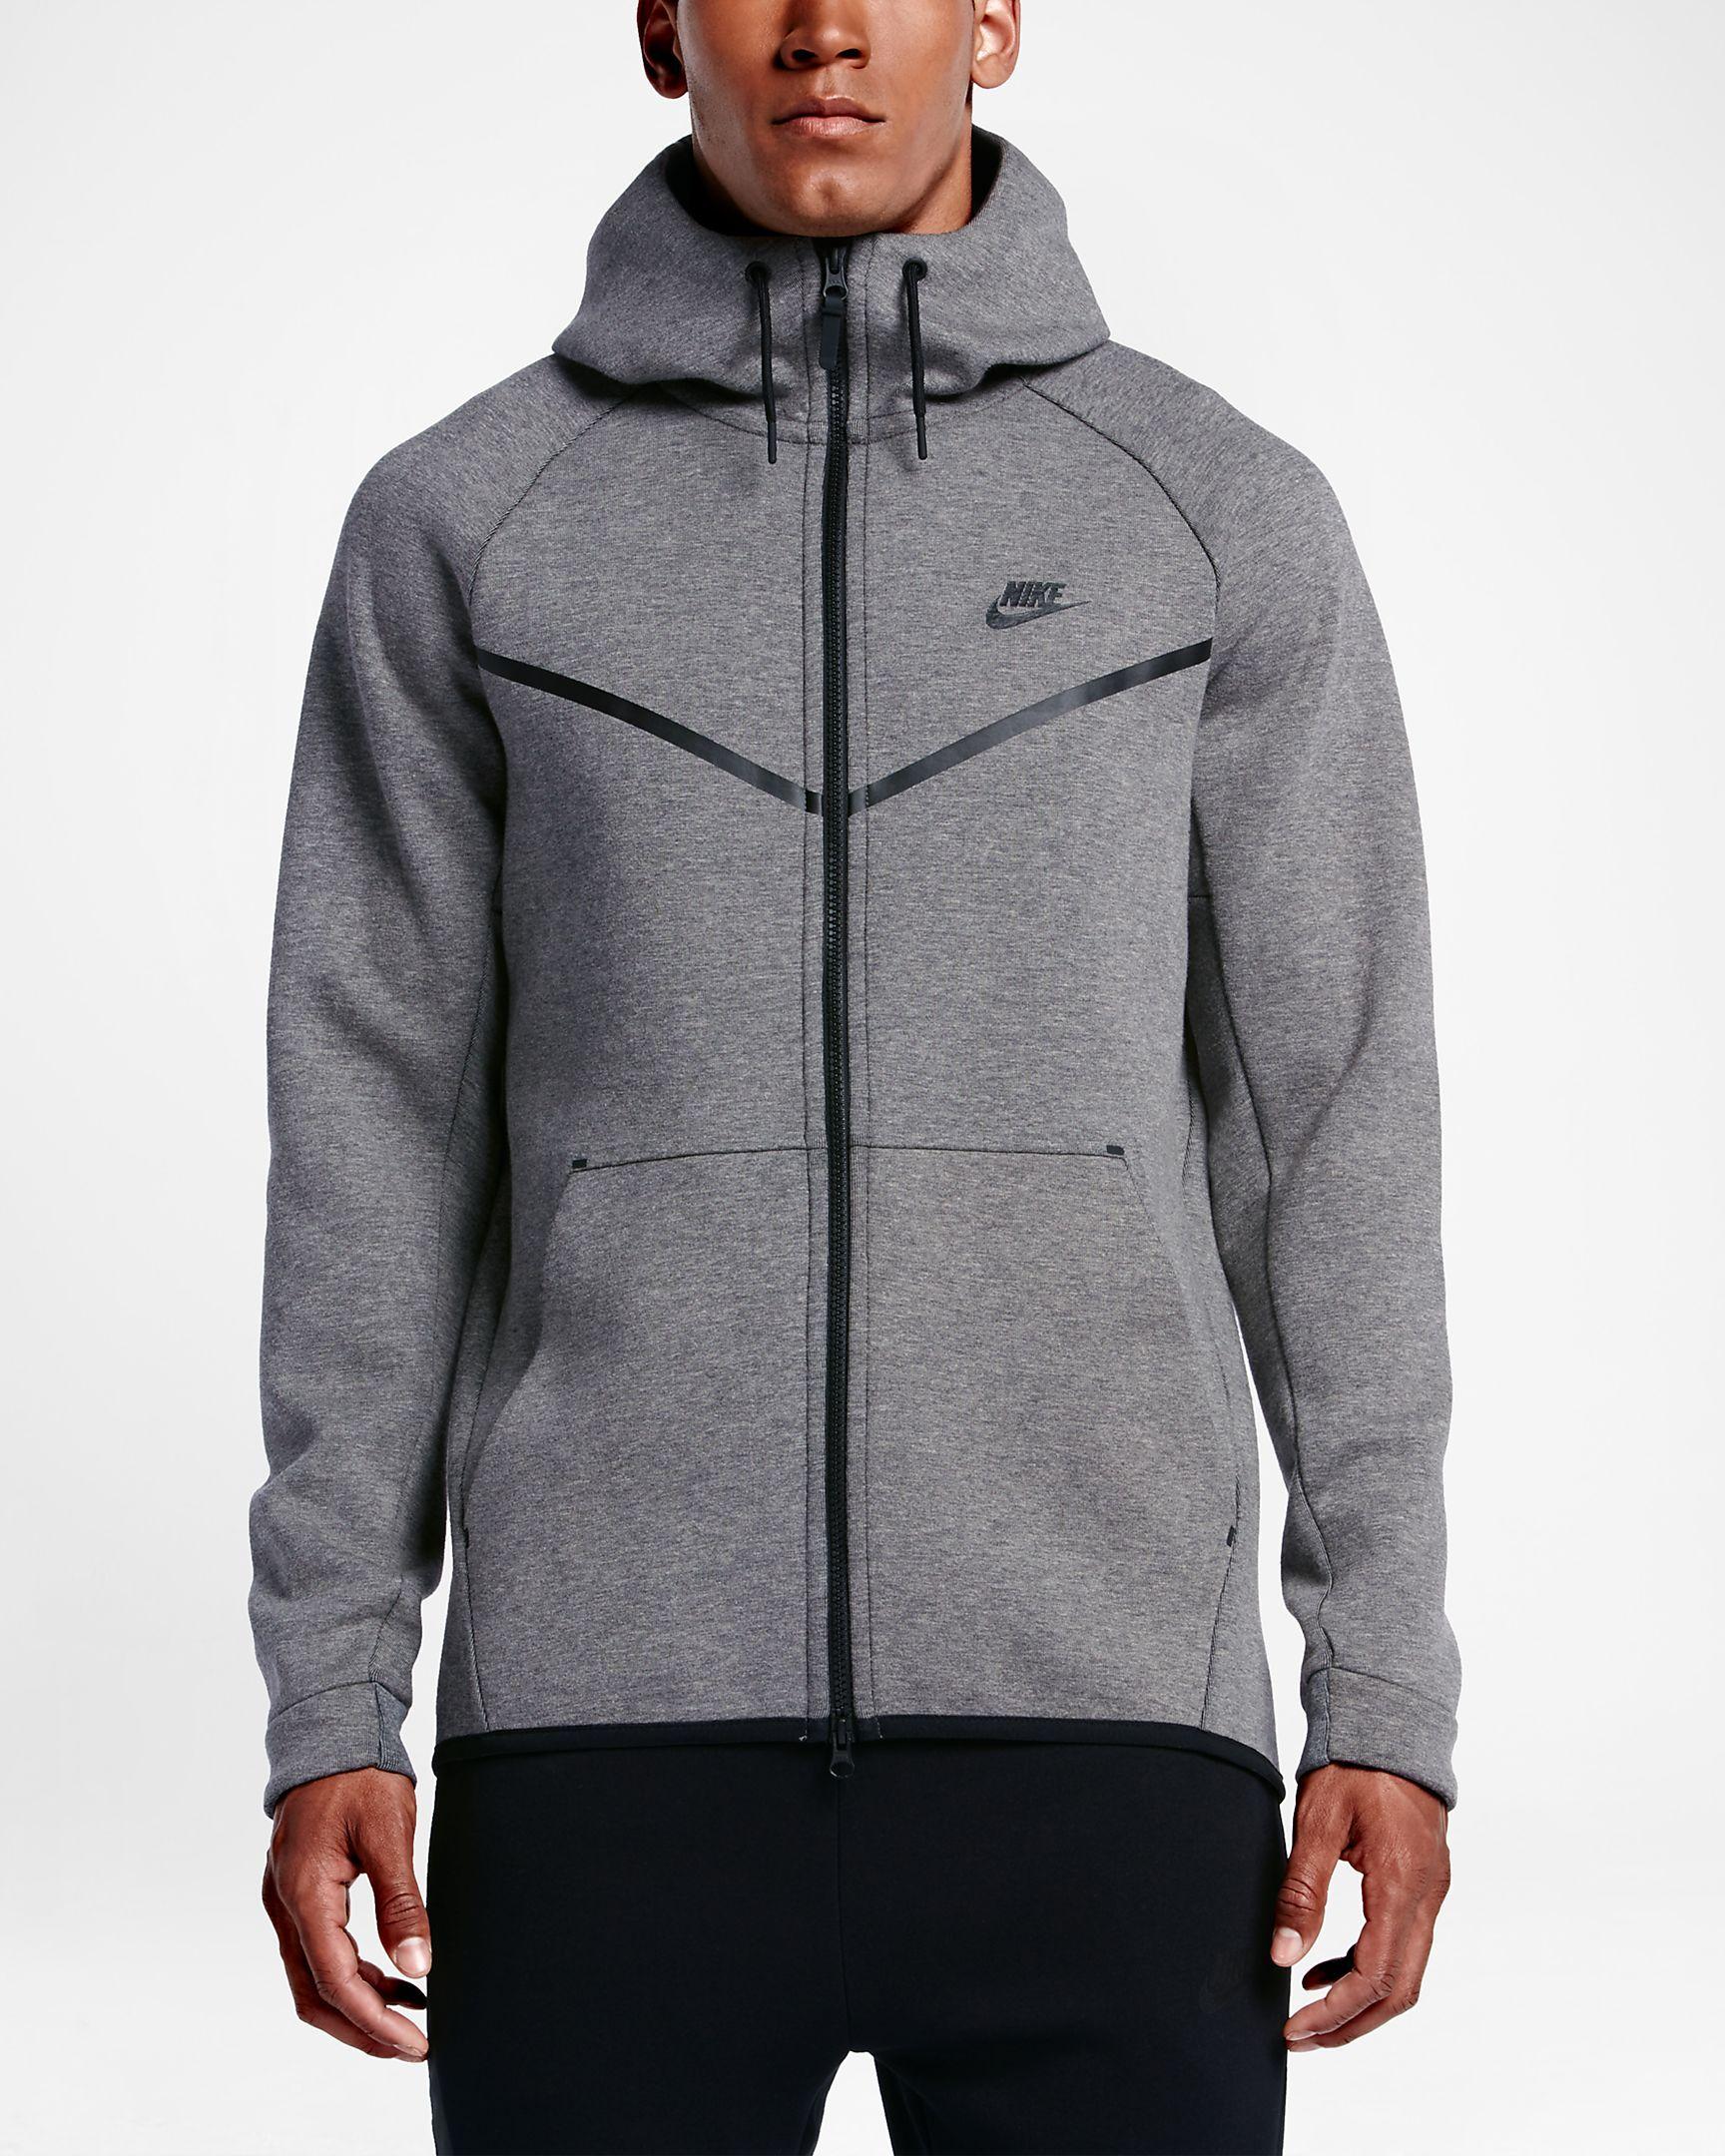 Nike Sportswear Tech Fleece Windrunner Men's FullZip Hoodie